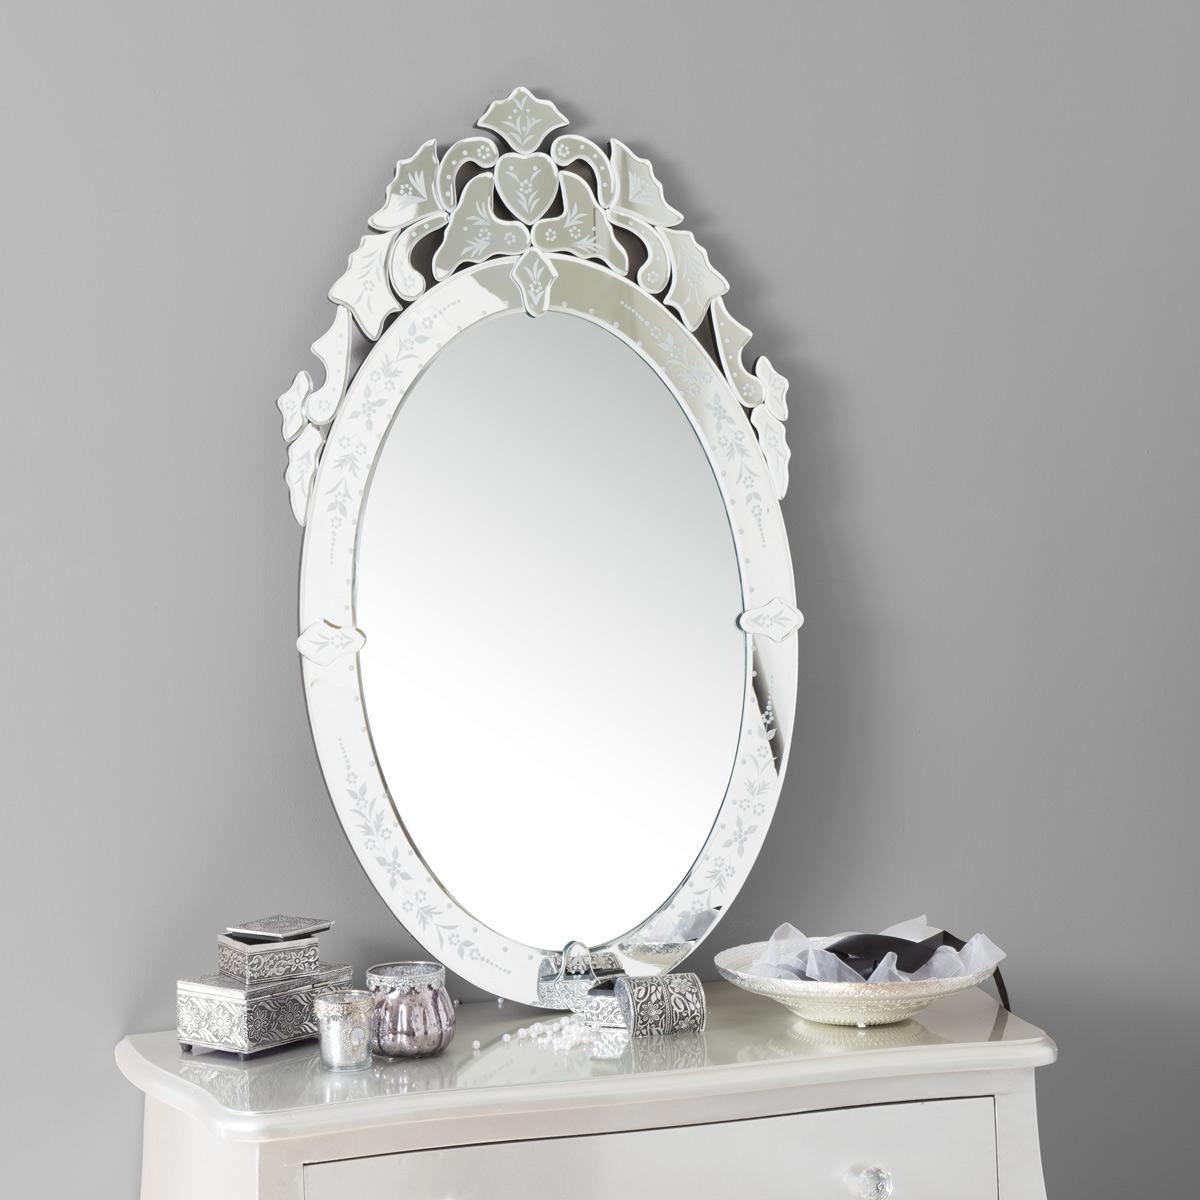 journelles maison venezianischer spiegel maison du monde journelles. Black Bedroom Furniture Sets. Home Design Ideas